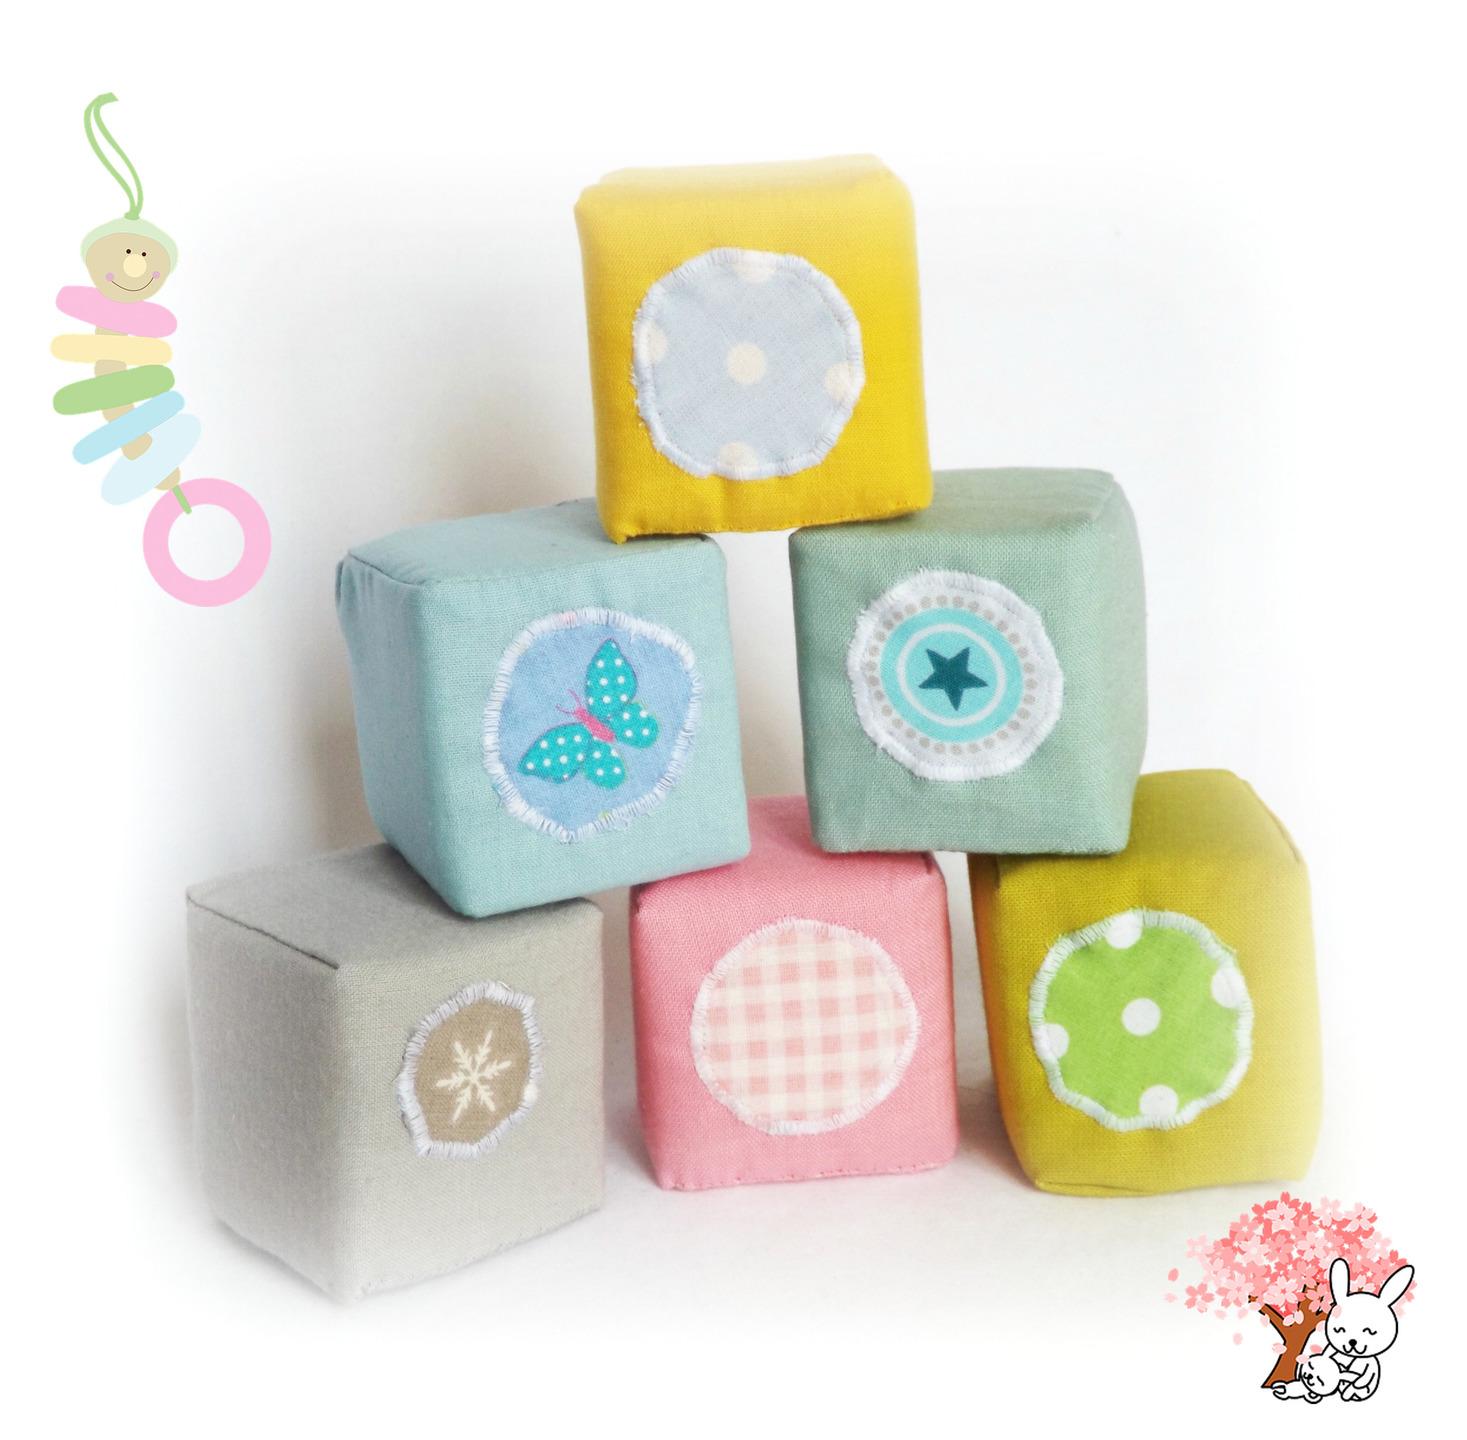 jeux-cubes-d-eveil-pour-bebe-couleur-15264047-dscf4399-modifi3245-7ef30_big.jpg